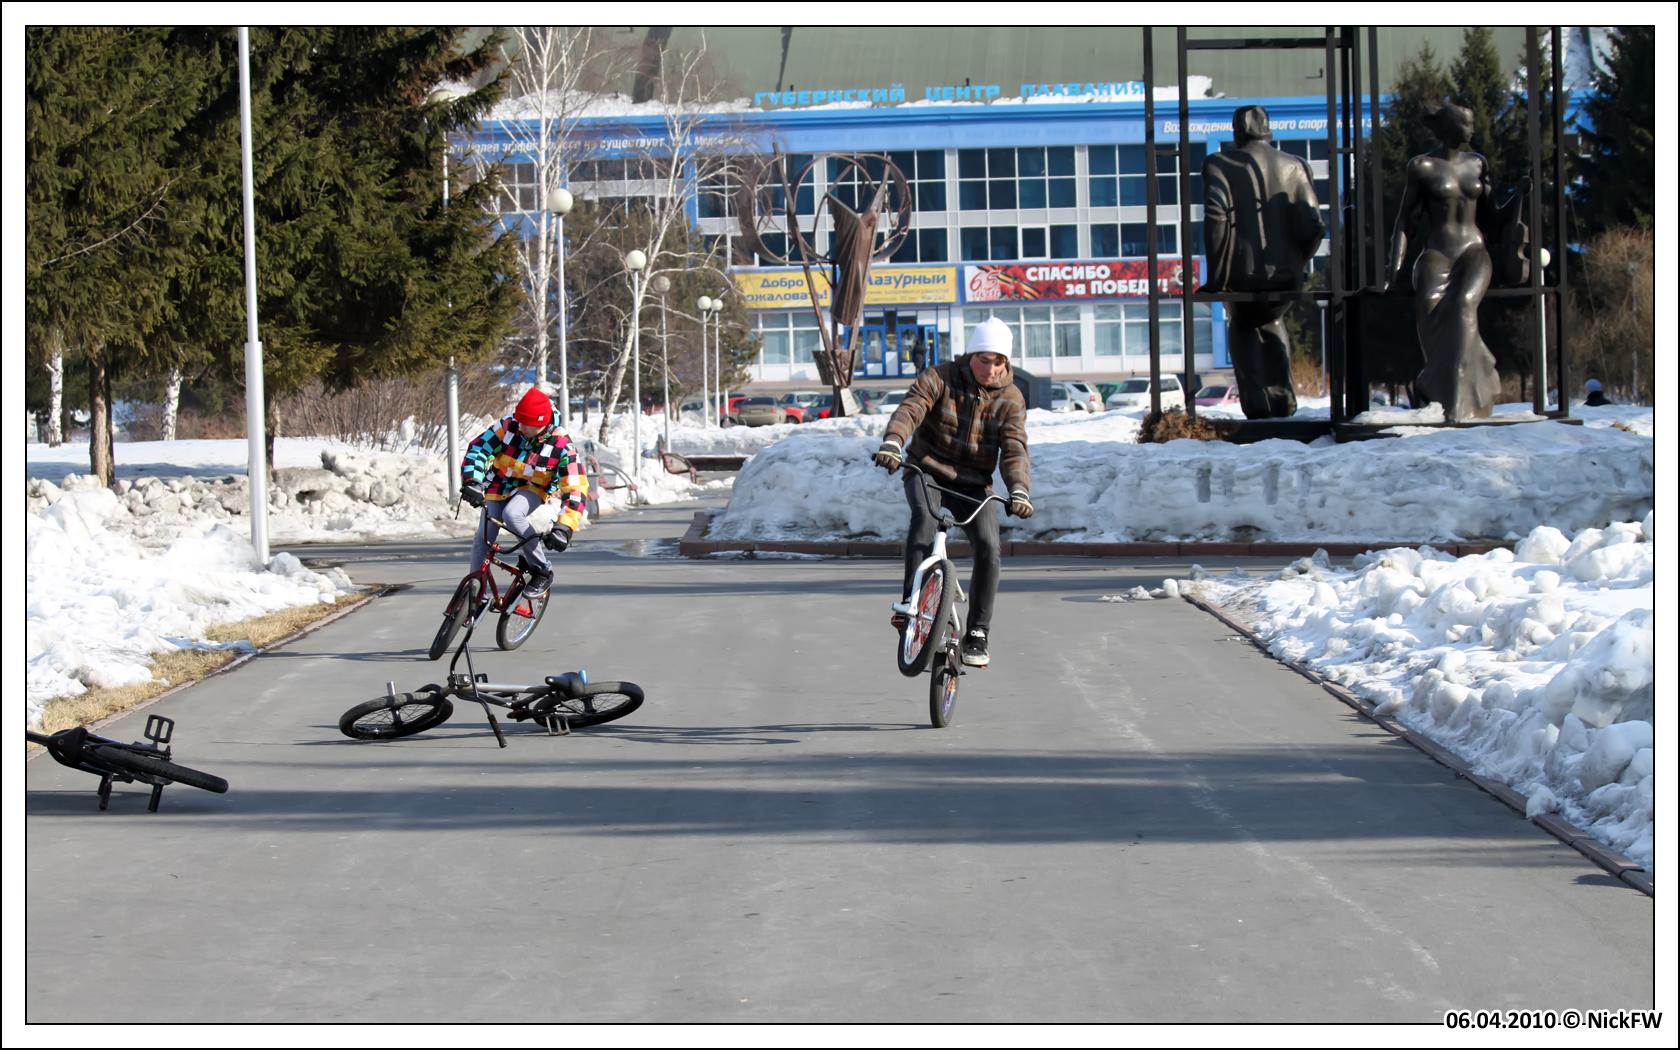 BMX'еры в Кемерово (© NickFW 06.04.2010)